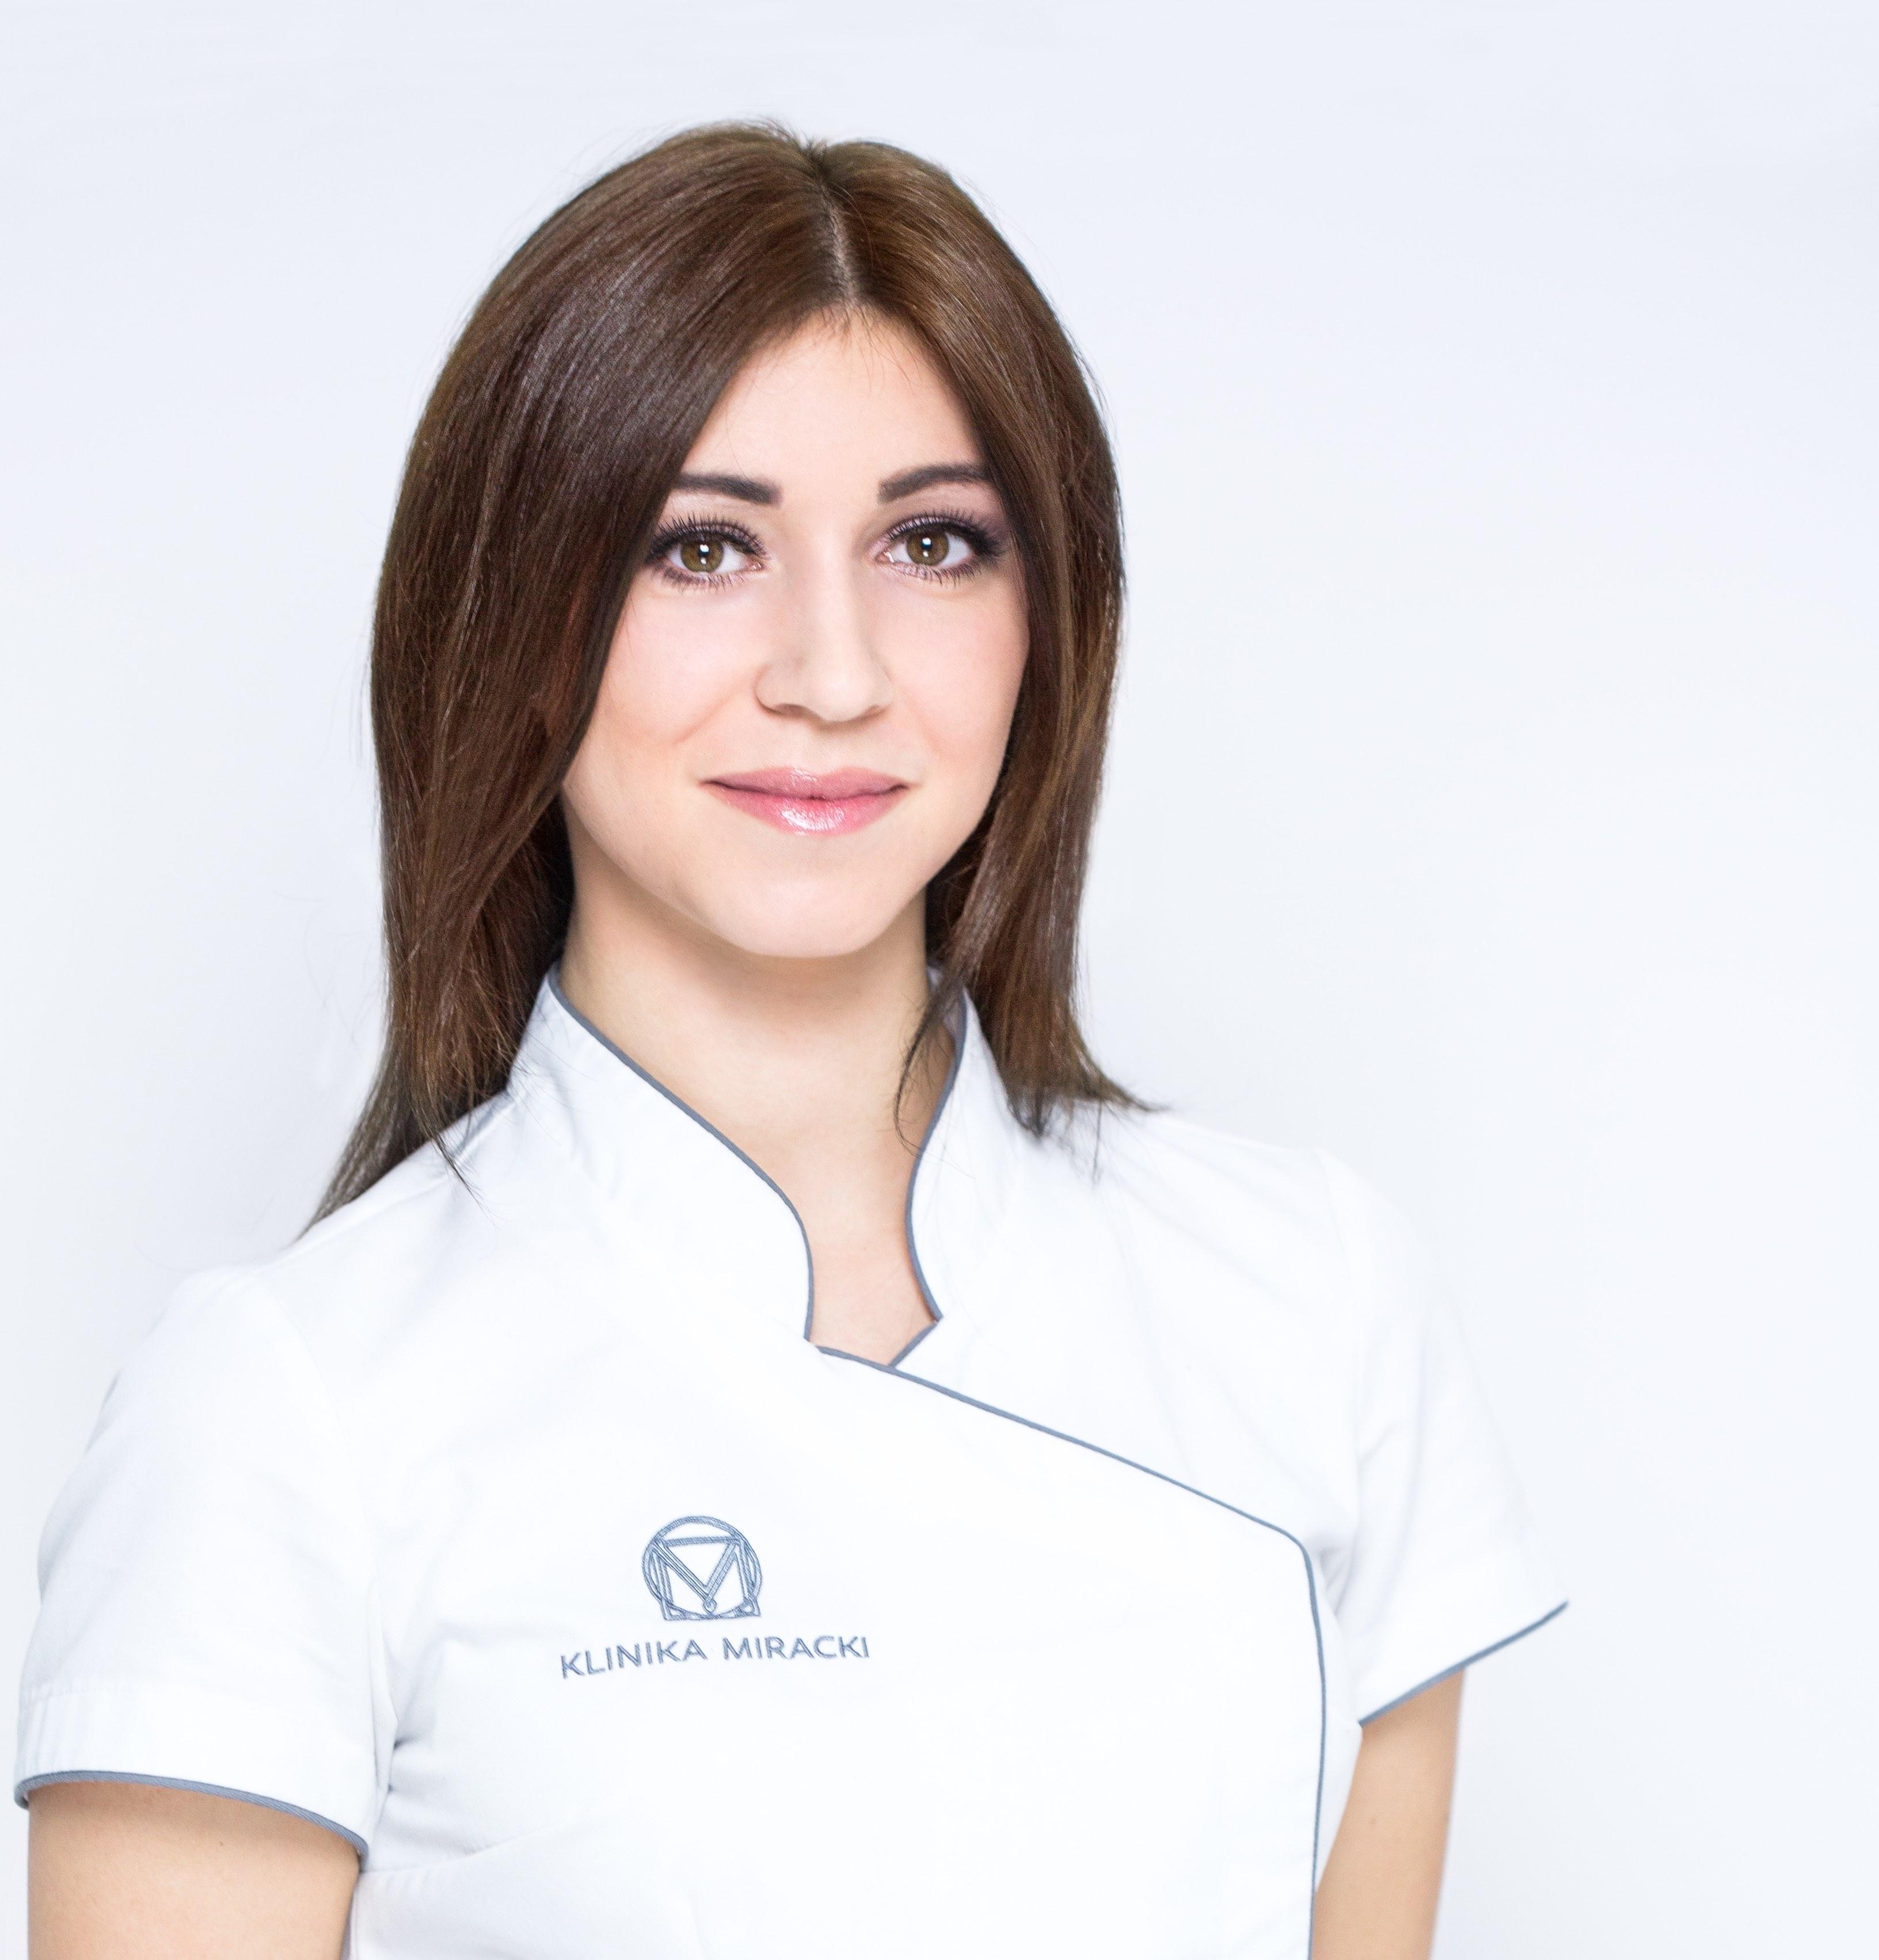 Agata Chrzanowska